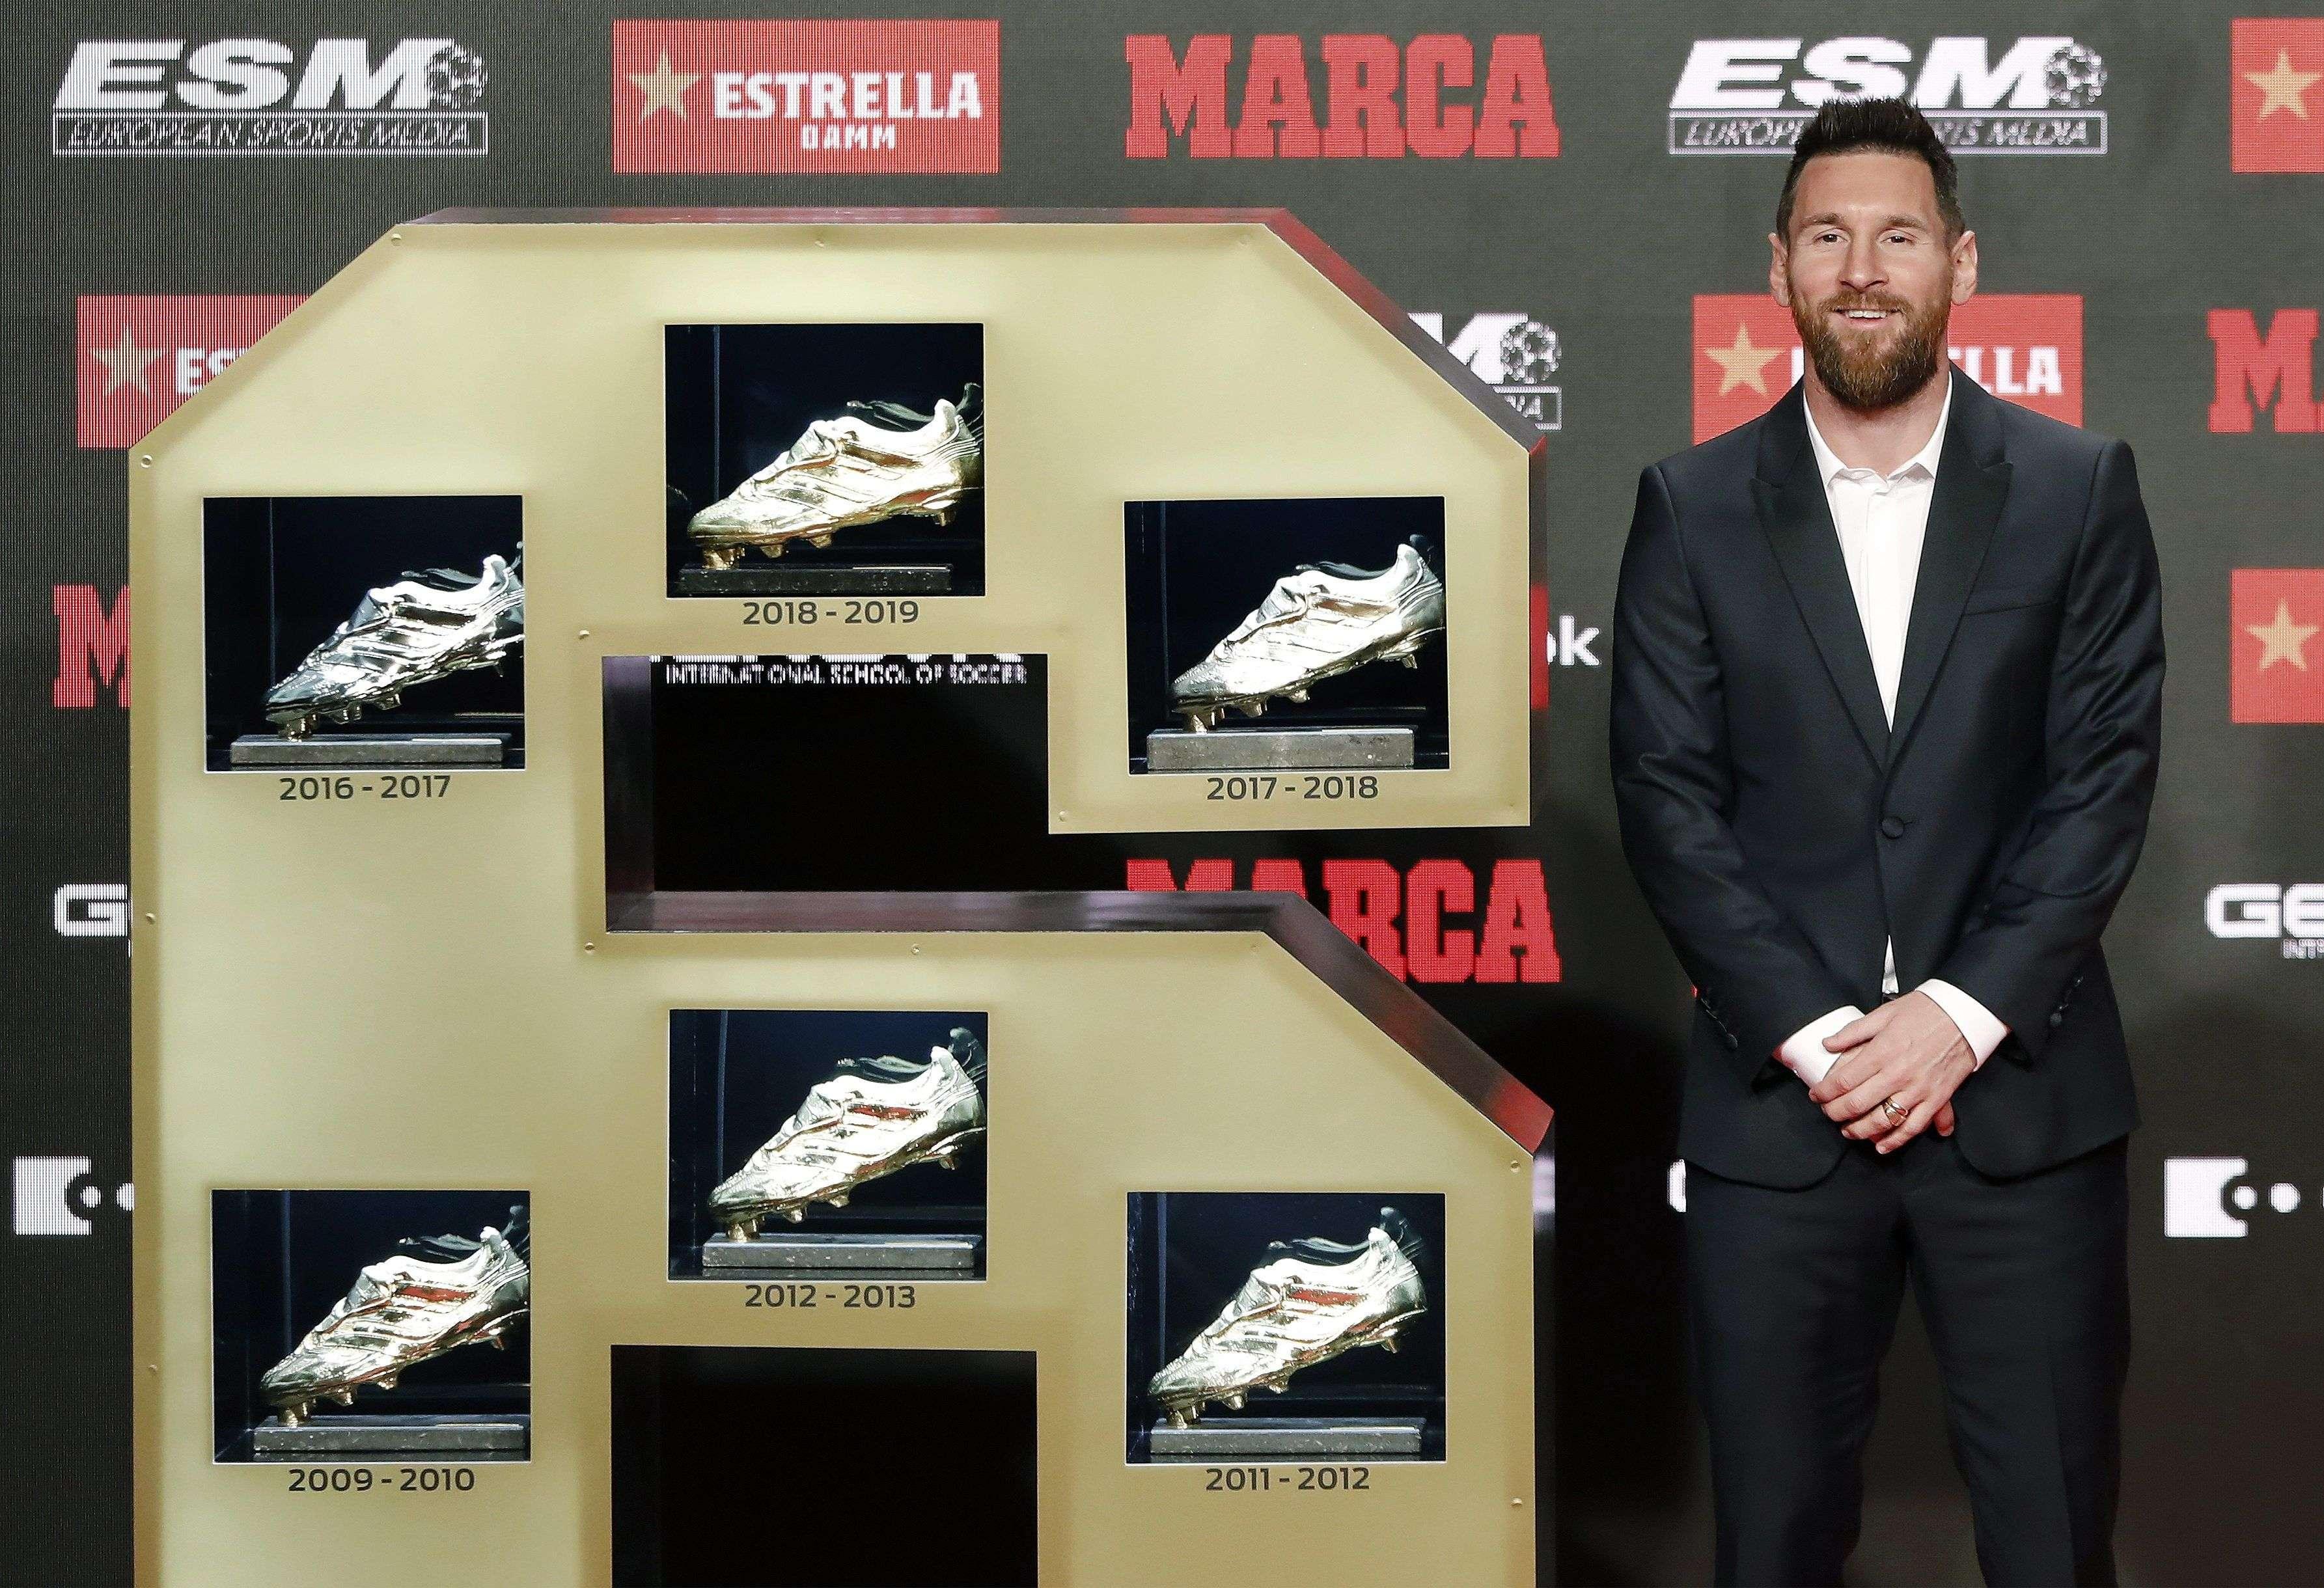 El delantero del FC Barcelona Lionel Messi posa tras recibir la Bota de Oro que le acredita como el máximo goleador de las ligas europeas de la temporada 2018-19. Foto: EFE